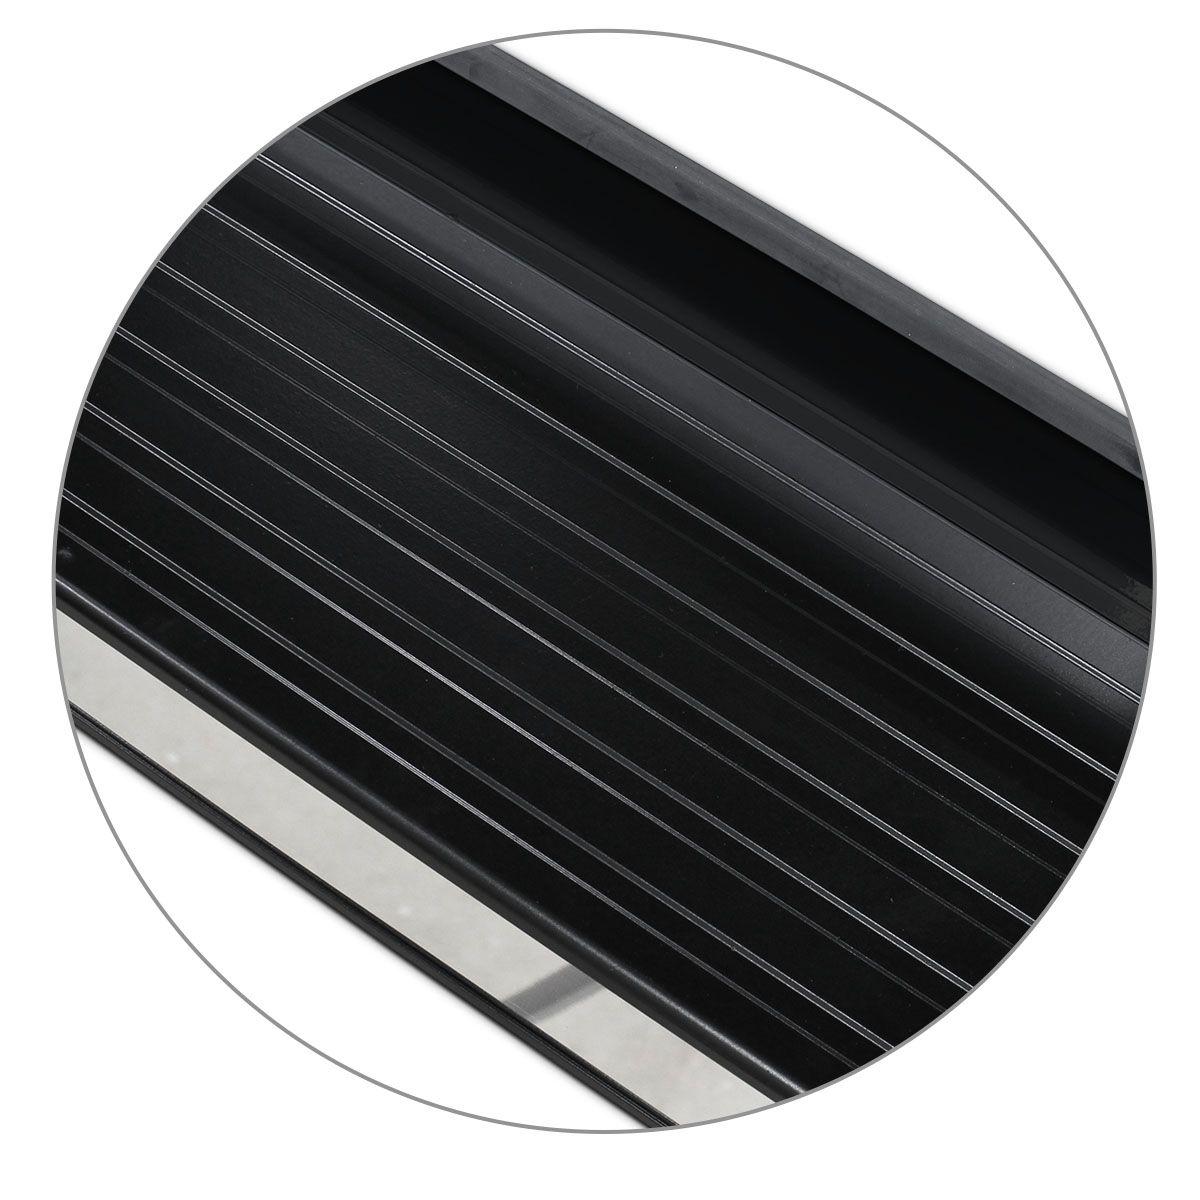 Estribo Lateral S10 CD 2012 a 2019 Preto Personalizado